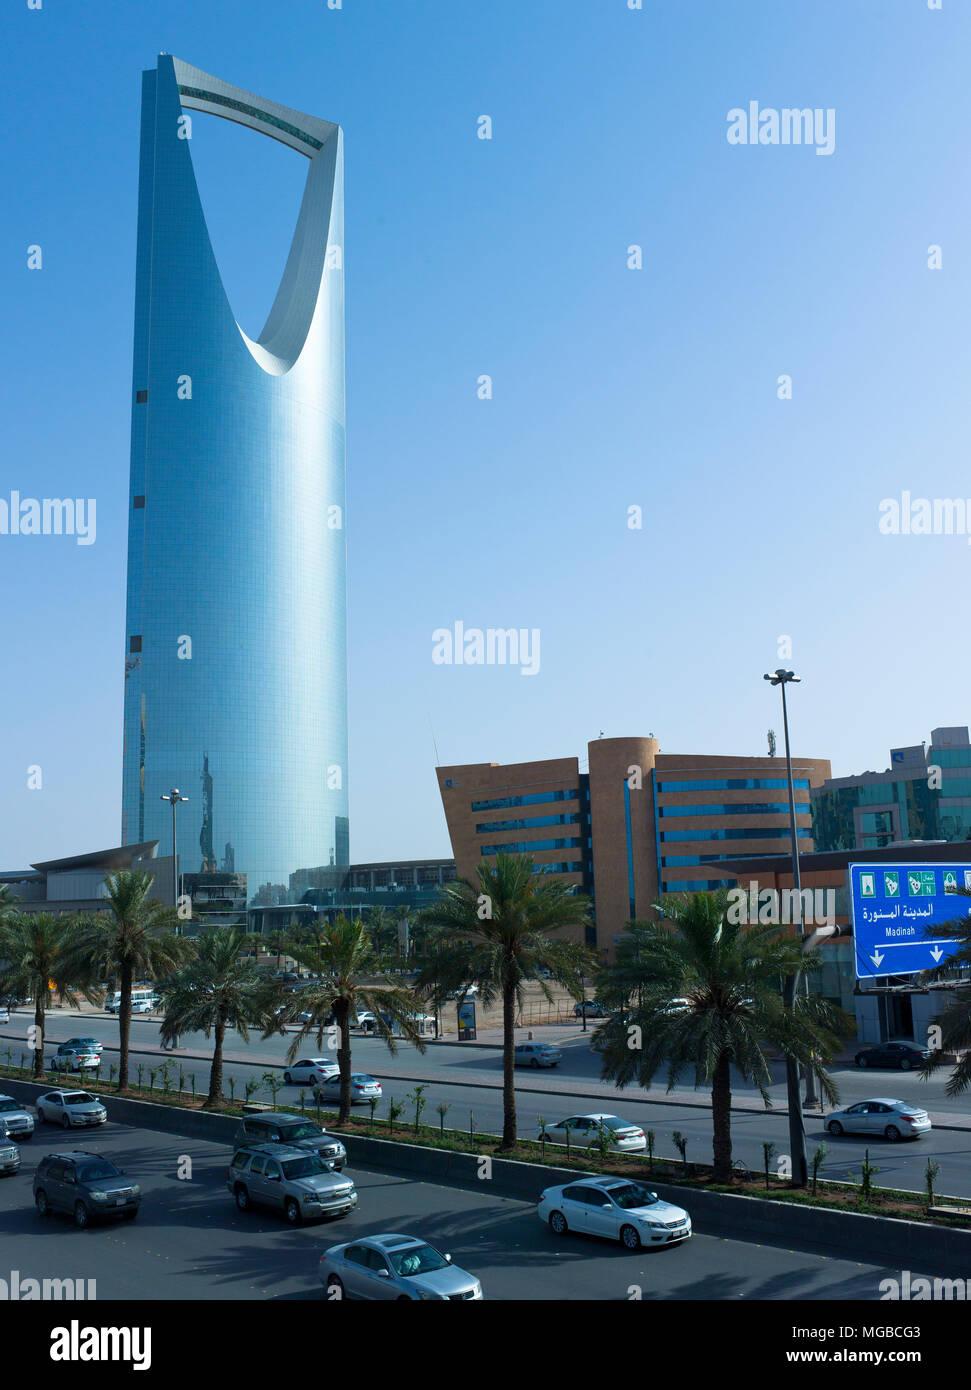 Cet avril seulement environ un million de travailleurs étrangers ont quitté l'Arabie saoudite pour de bon, ce qui explique cette lumière trafic sur King Fahad Road au début de la Photo Stock